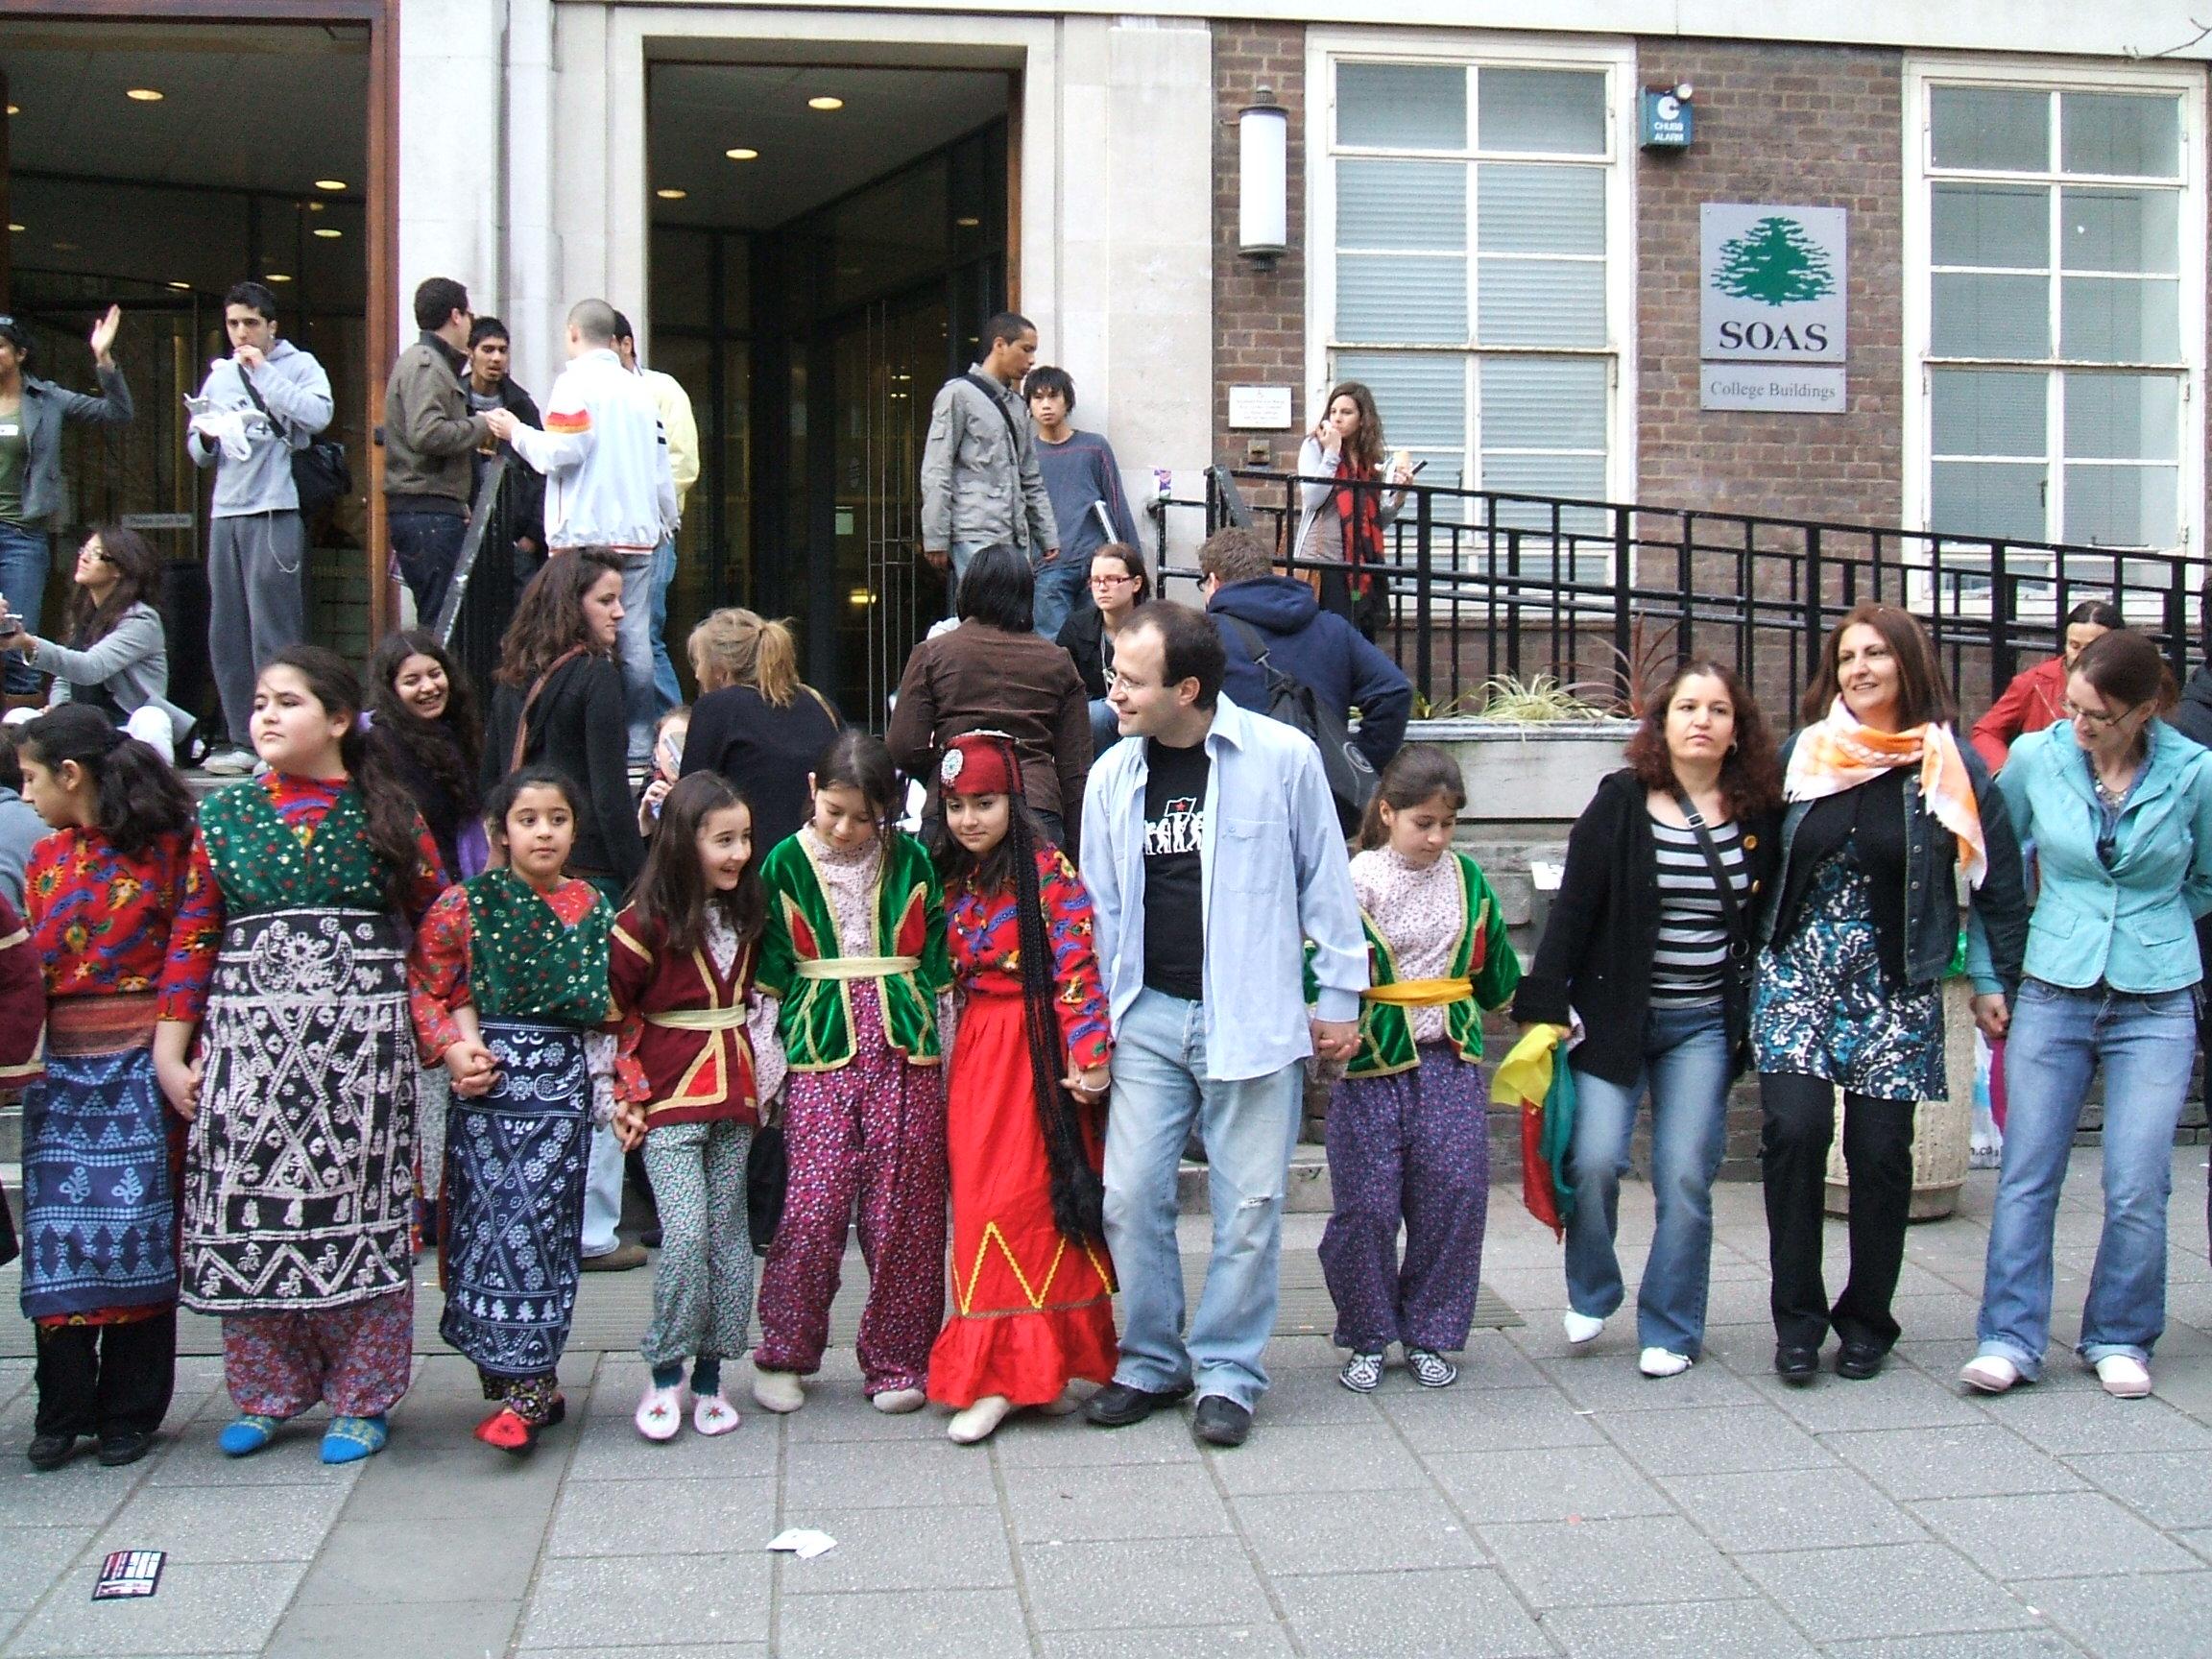 مراسم ترویج و تبادل فرهنگی در دانشگاه لندن سال 2004